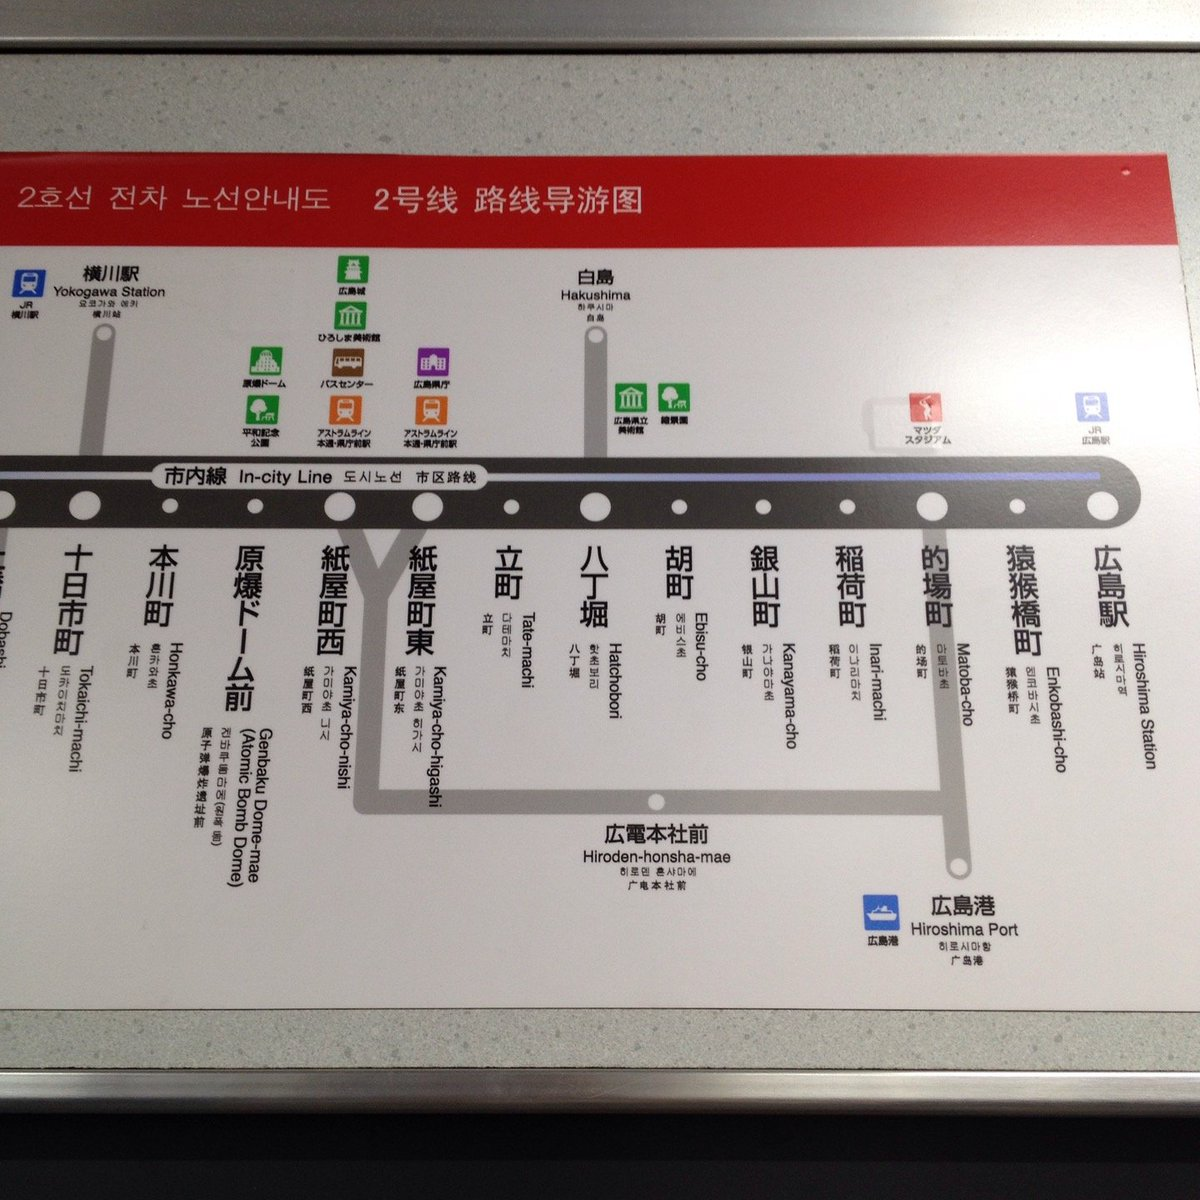 広島電鉄 グリーンムーバー 2号線 路線図